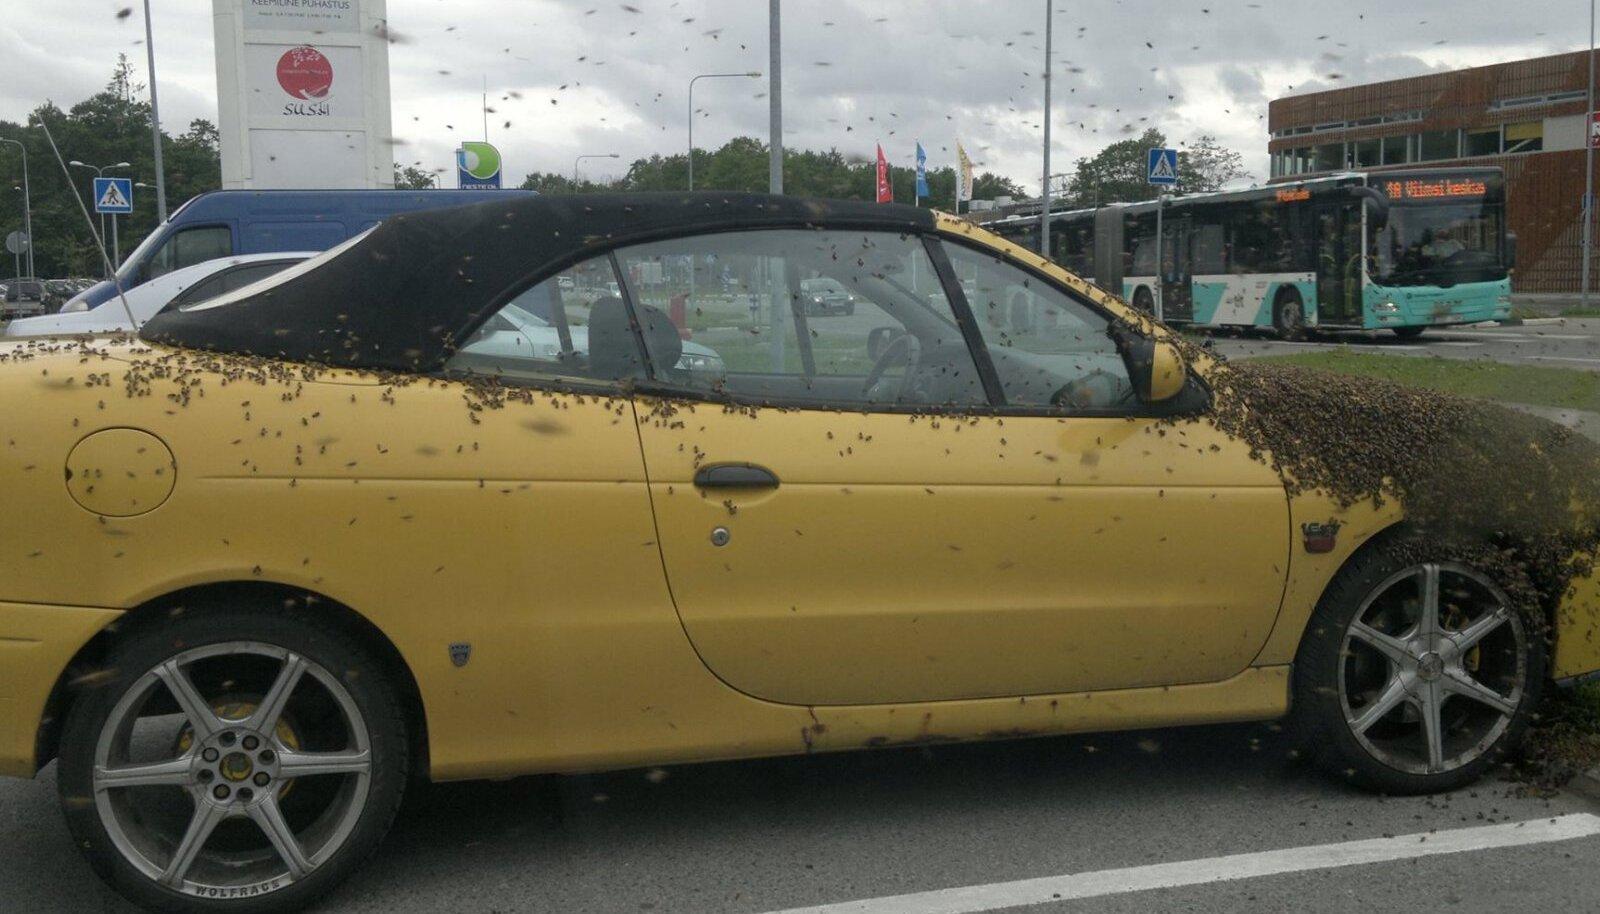 Mesilased vallutasid meekarva auto